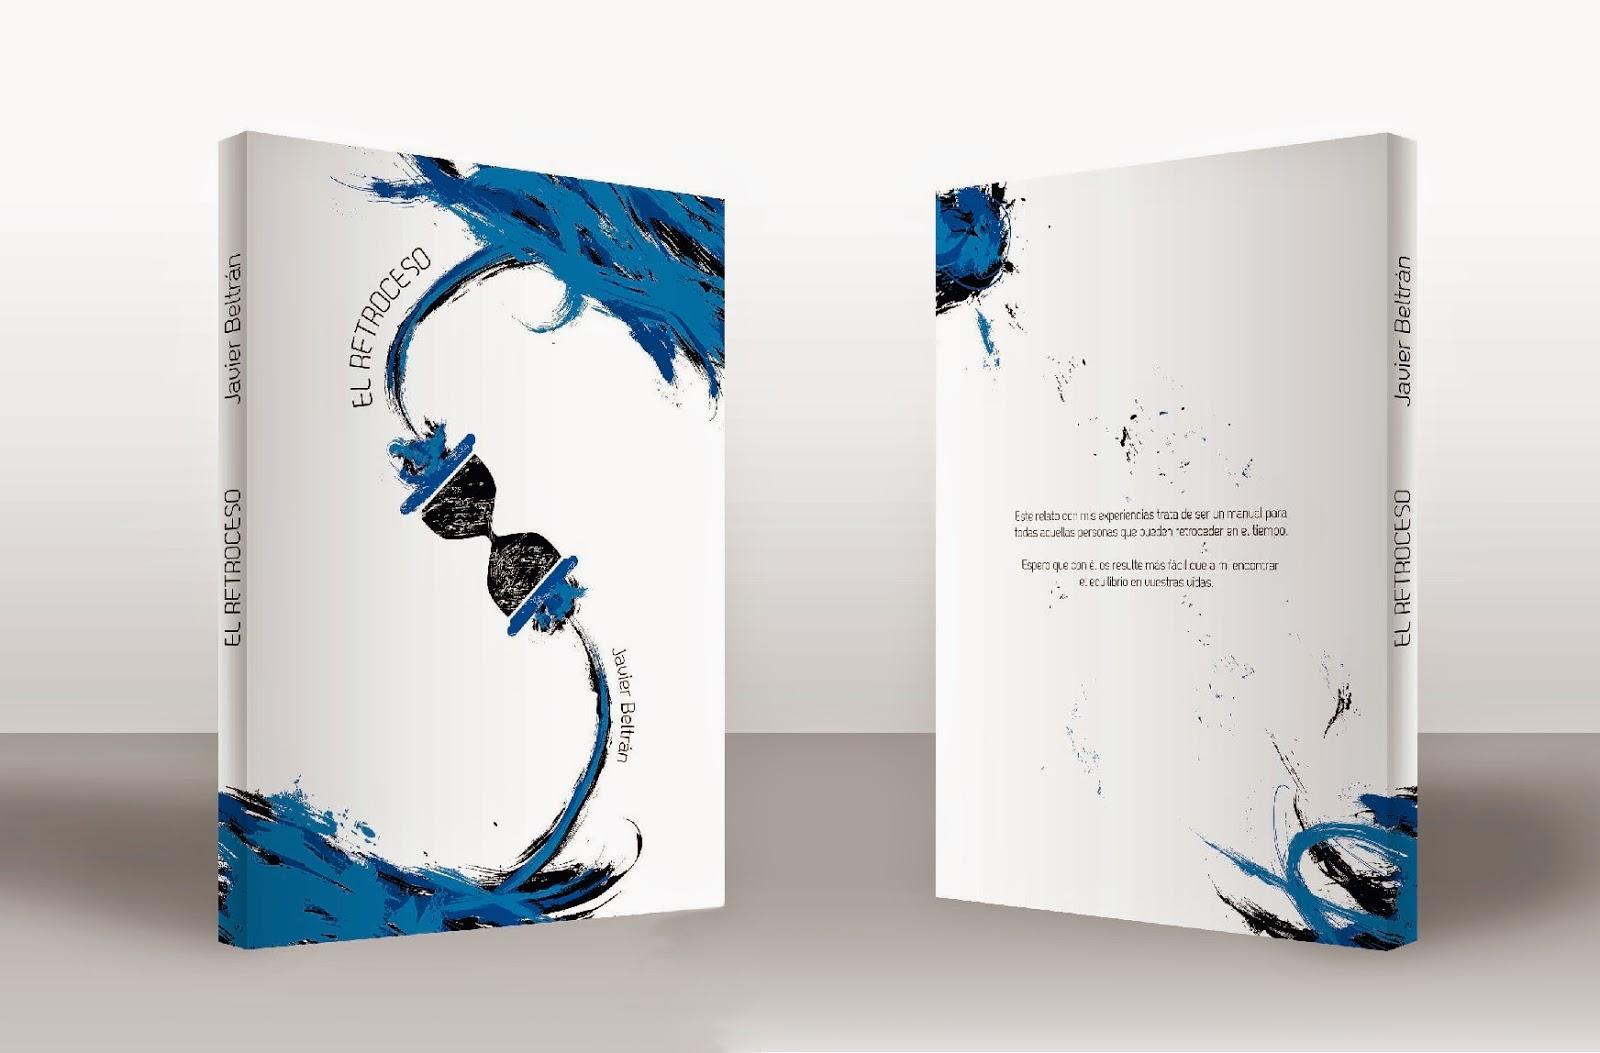 portada, cover, libro, book, retroceso, viaje en el tiempo, time travel, diego burdío, javier beltrán, time travel, best book, ciencia-fiición, sci-fi, best cover, mejor portada libro, original